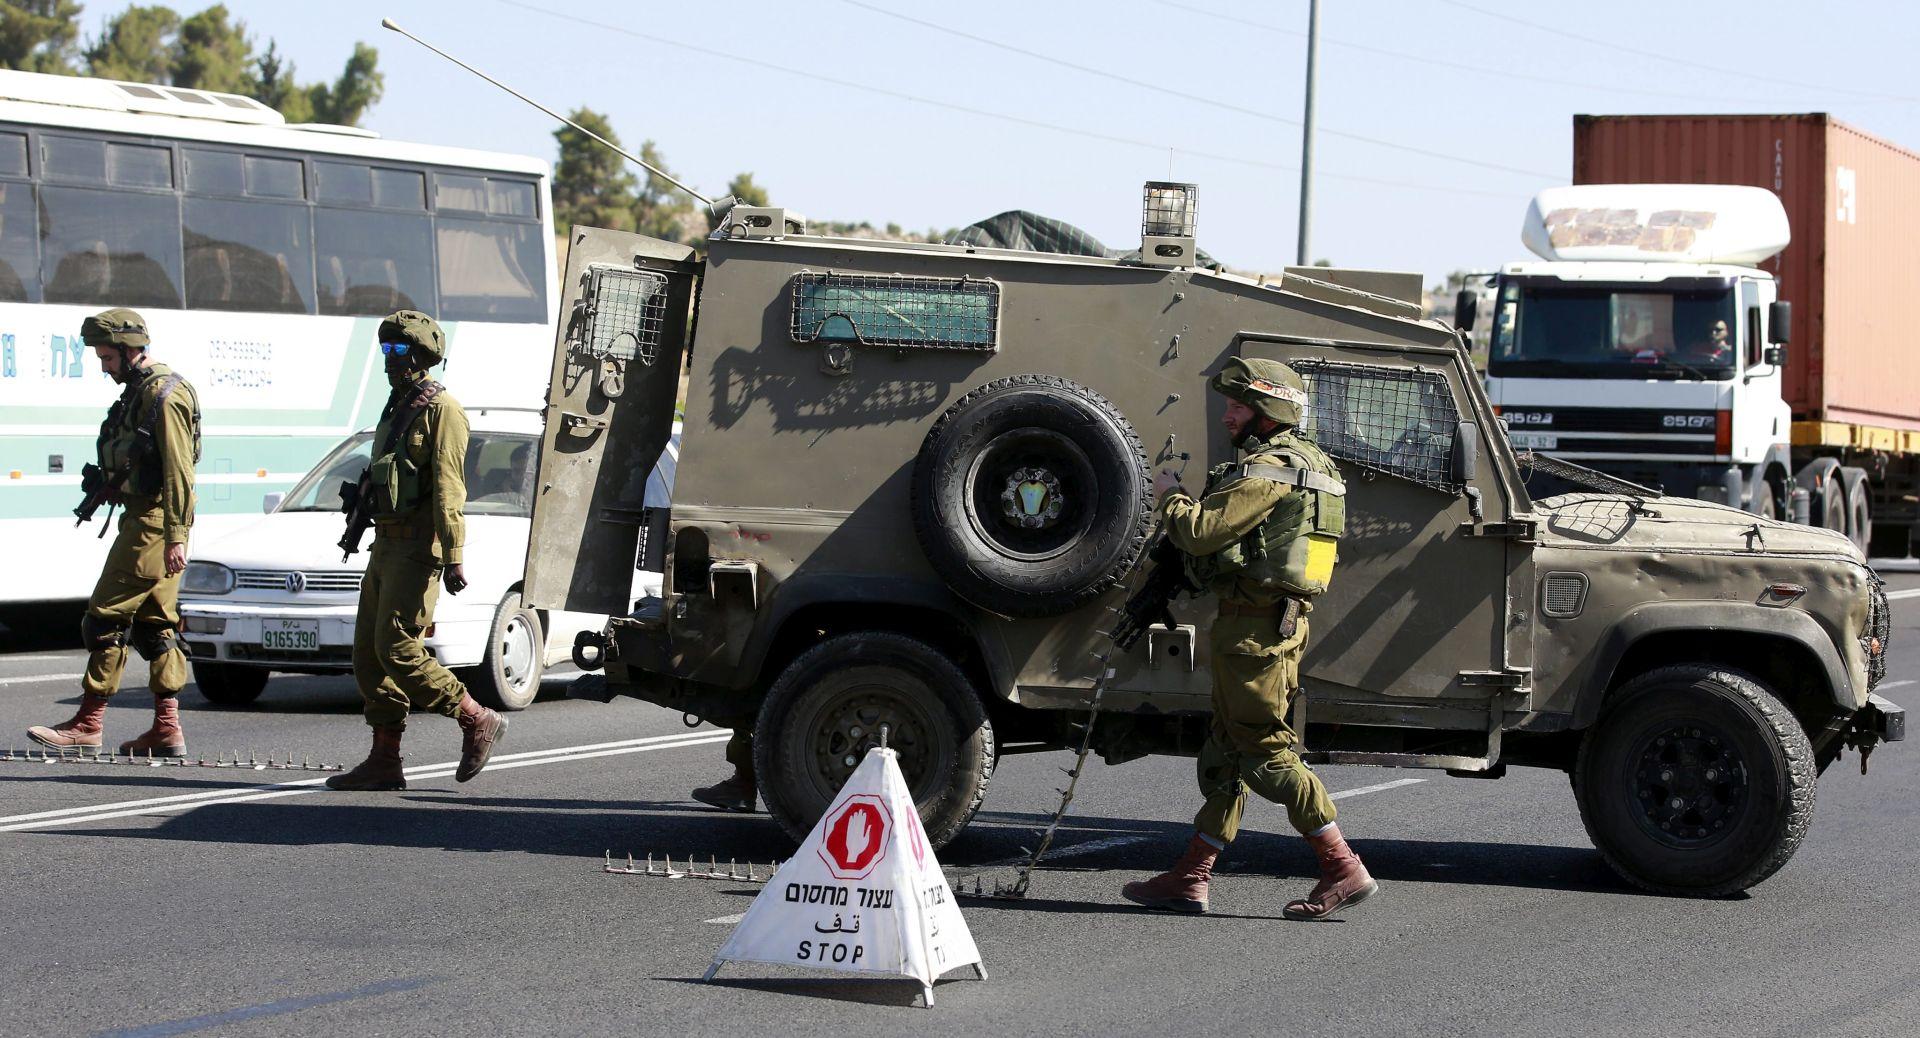 ZAPADNA OBALA Palestinac (19) ubio izraelsku djevojčicu (13) dok je spavala u vlastitom krevetu